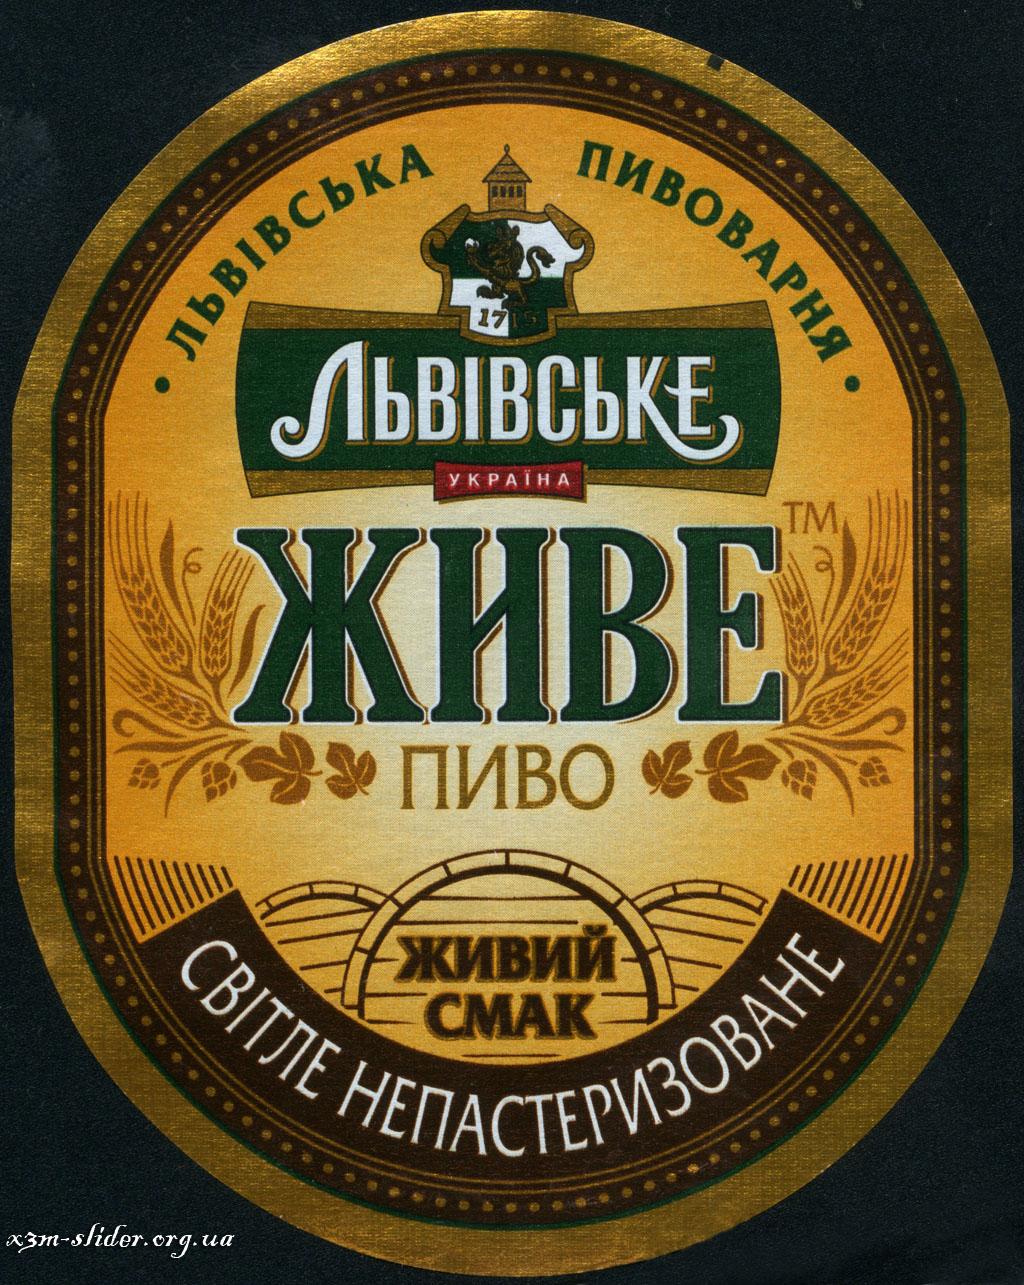 Львівське - Живе пиво